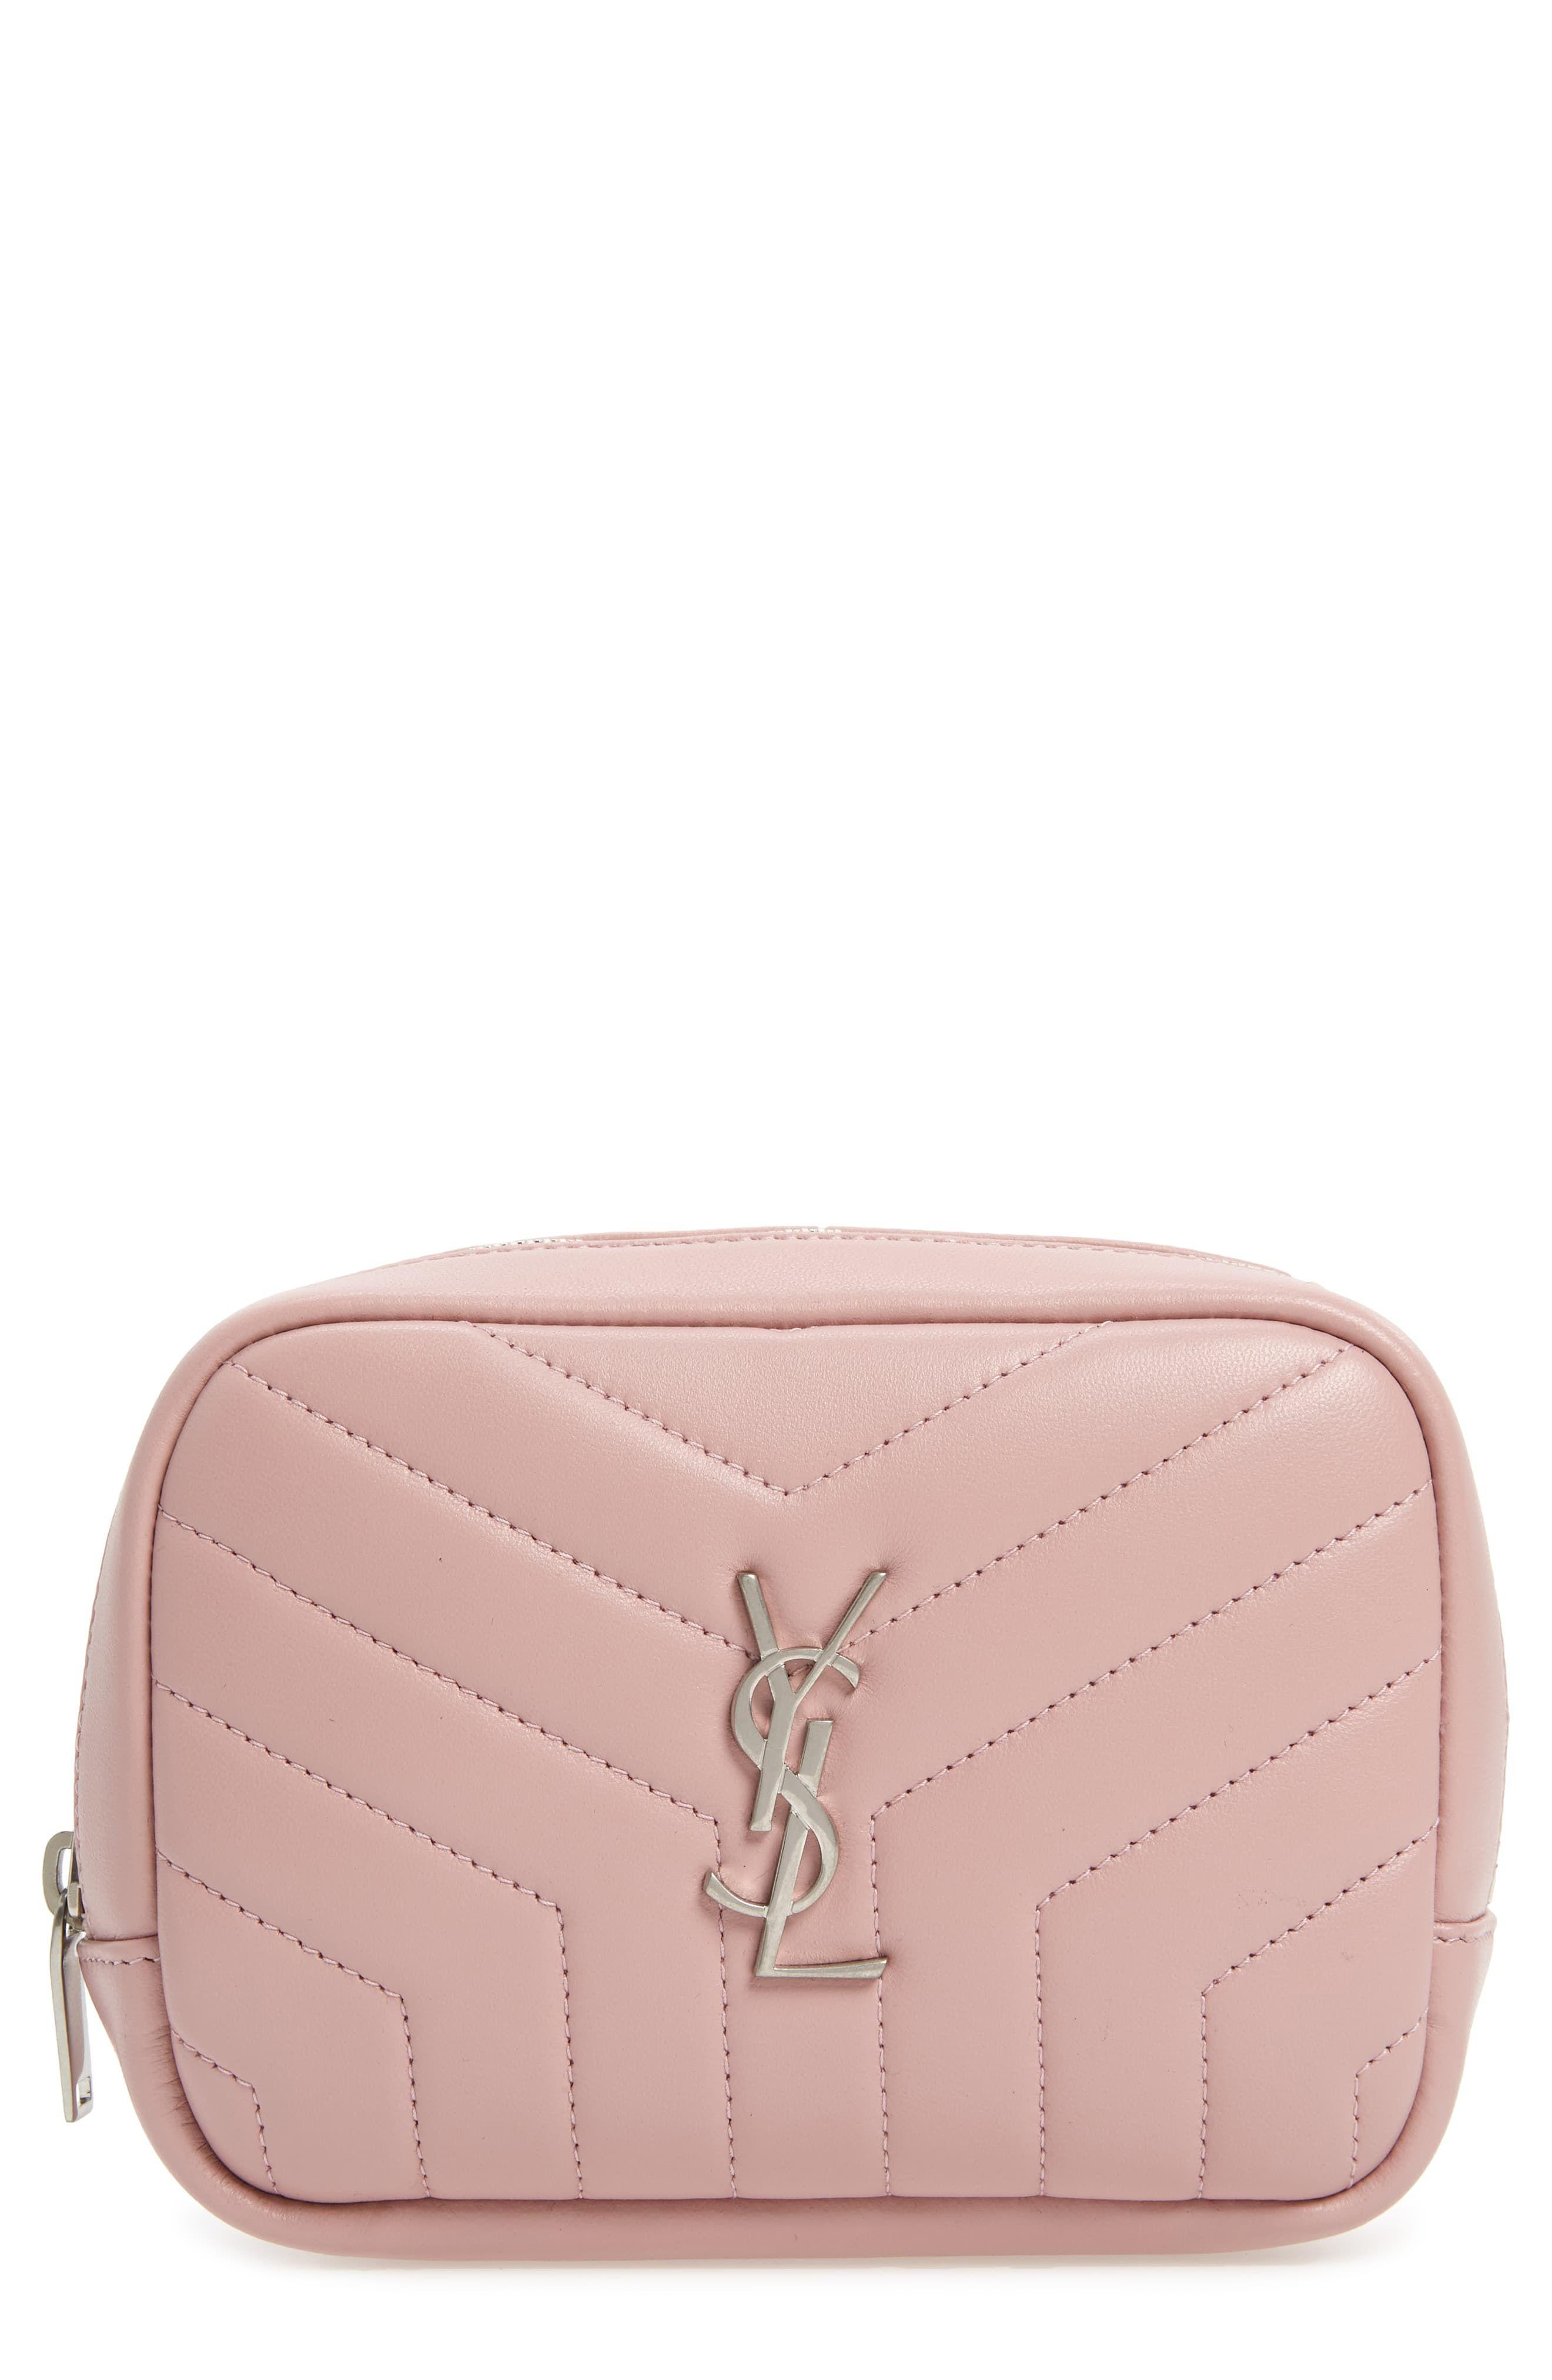 bb9fd472403 Saint Laurent Loulou Matelassé Leather Cosmetics Bag, Size One Size -  Tender Pink